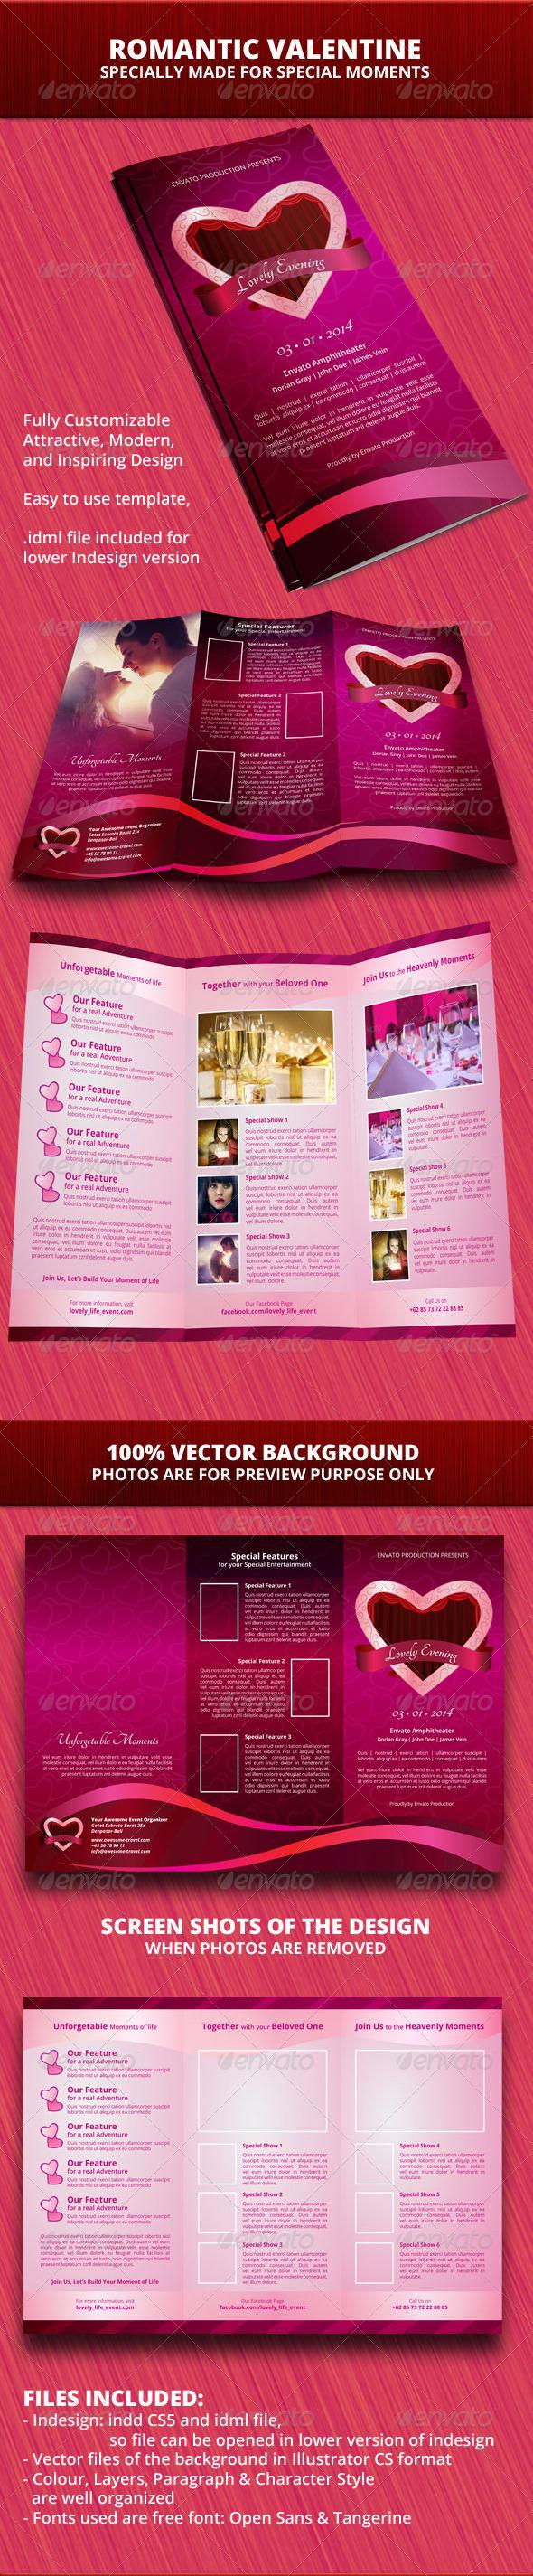 GraphicRiver Romantic Valentine Trifold Brochure 6531666